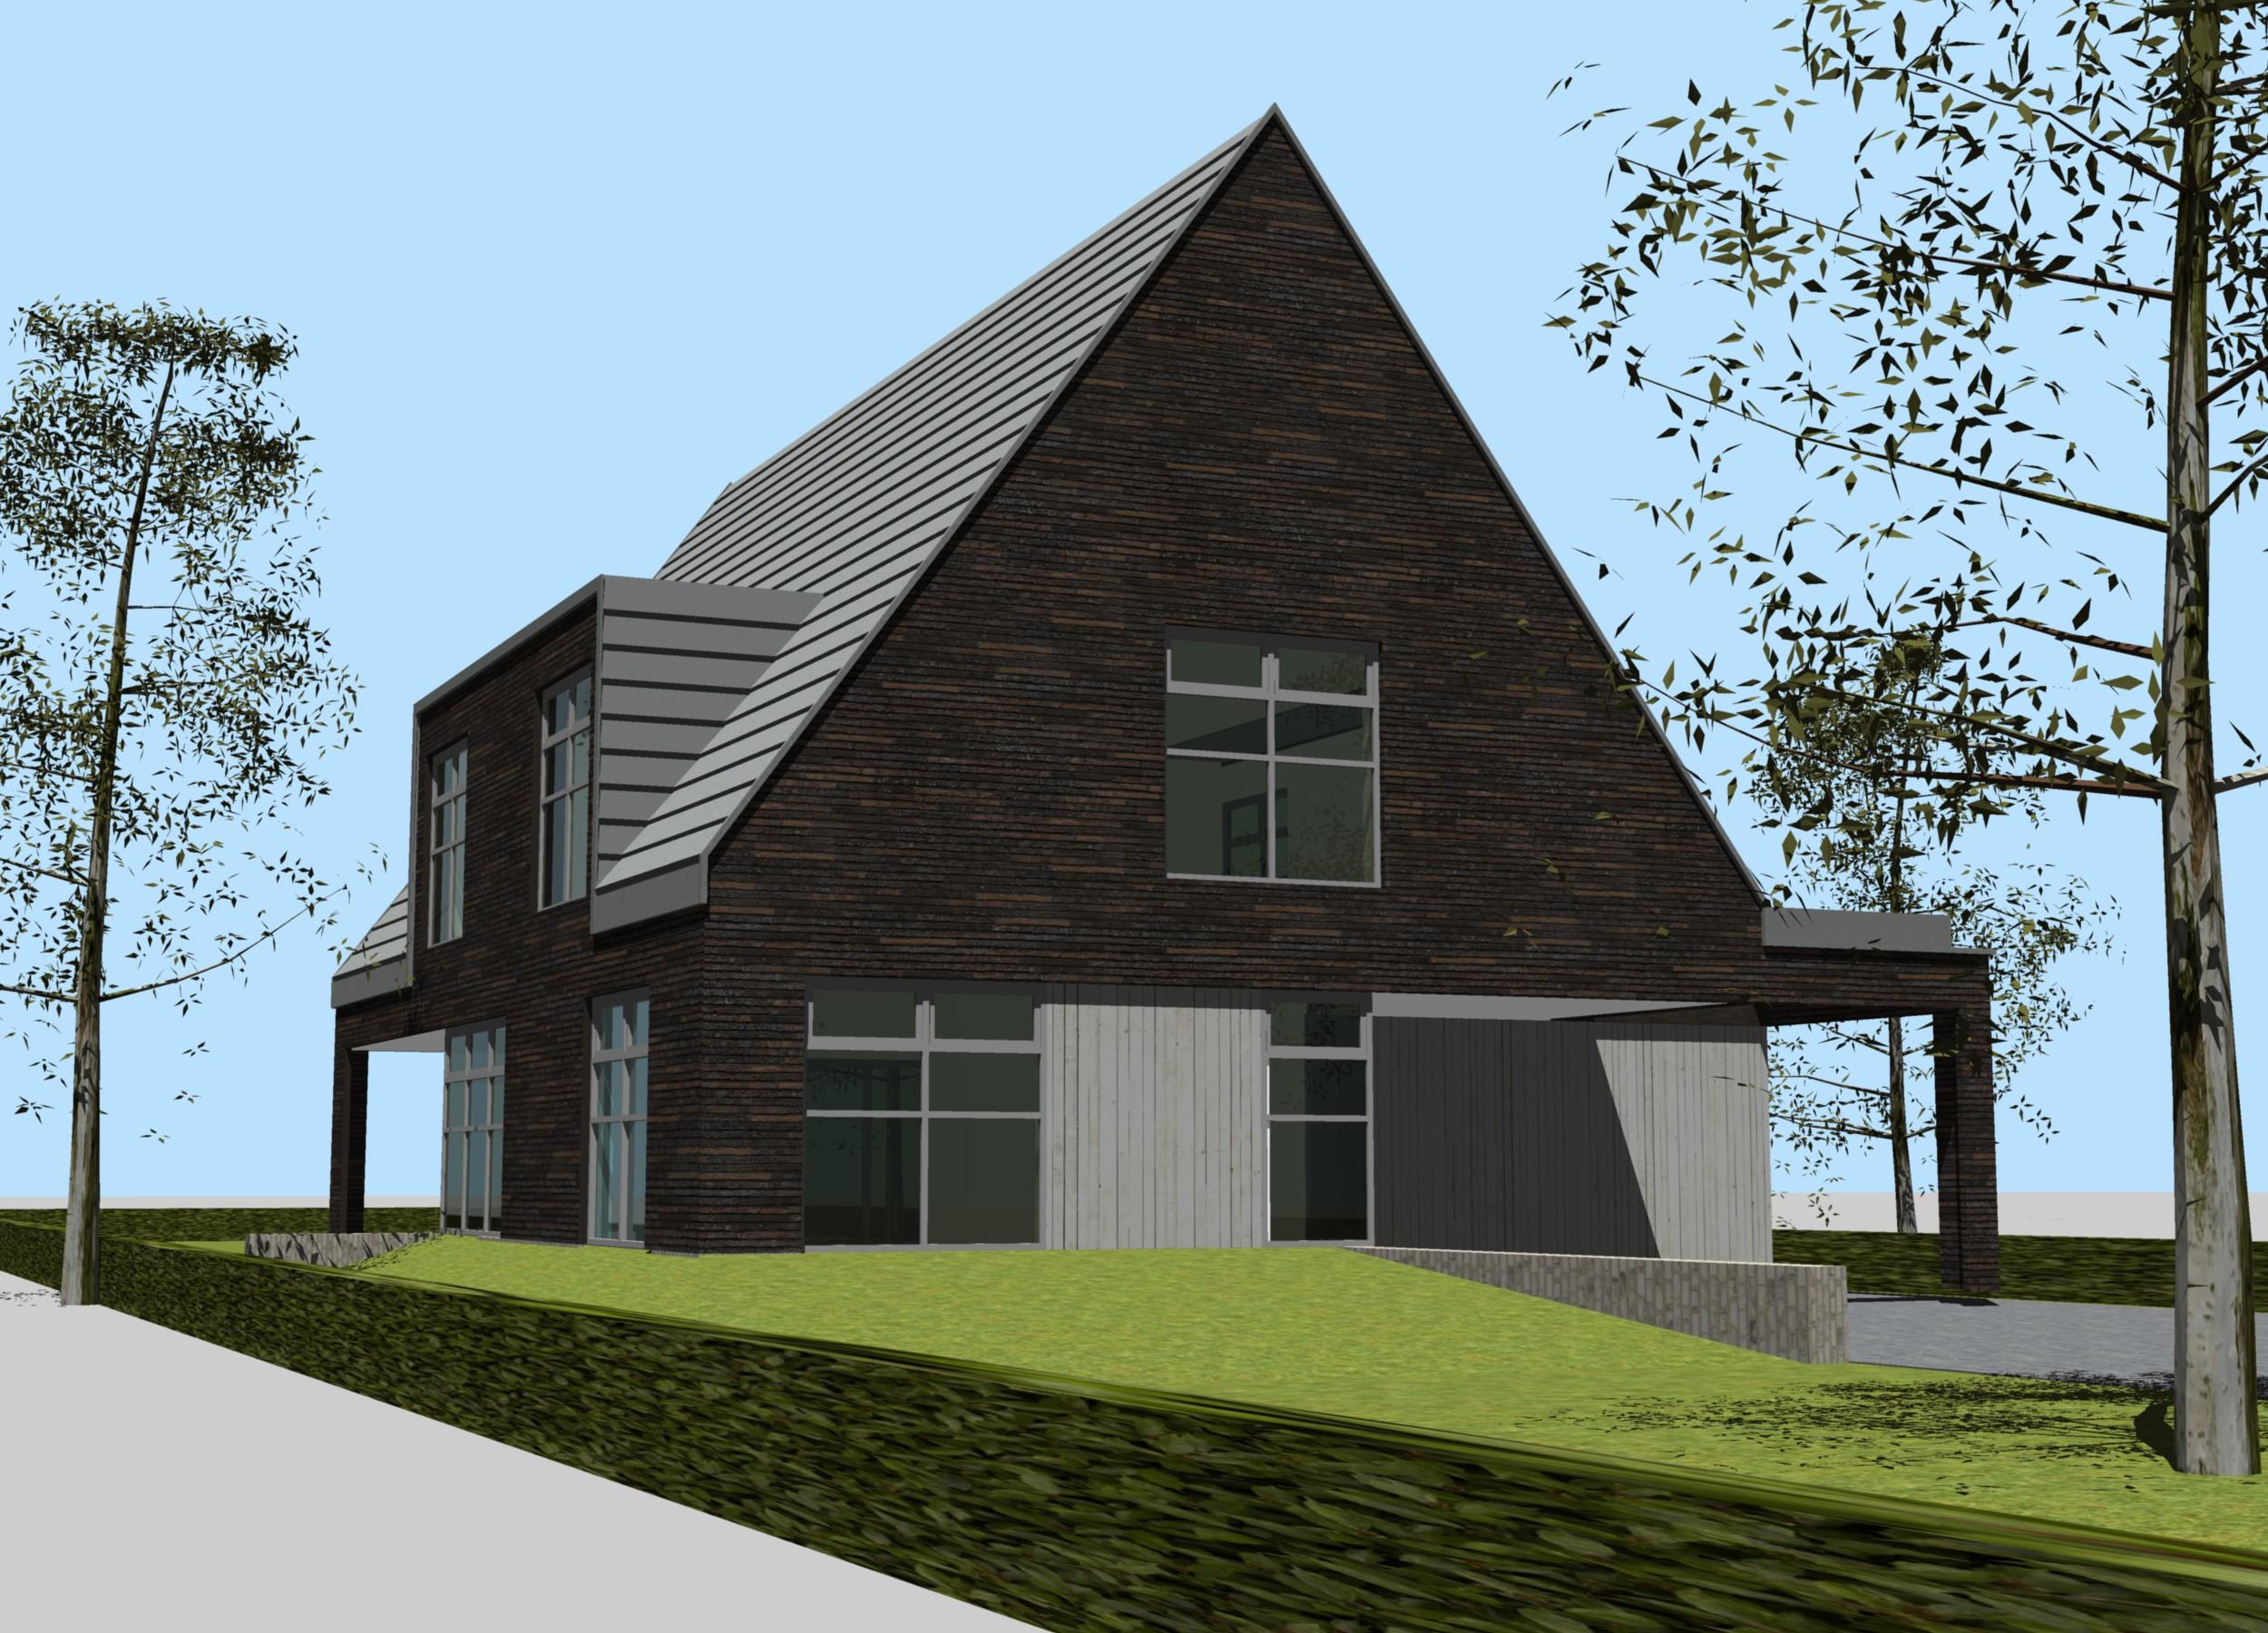 ontwerp nieuwbouw woning bergen nh 1 studio72